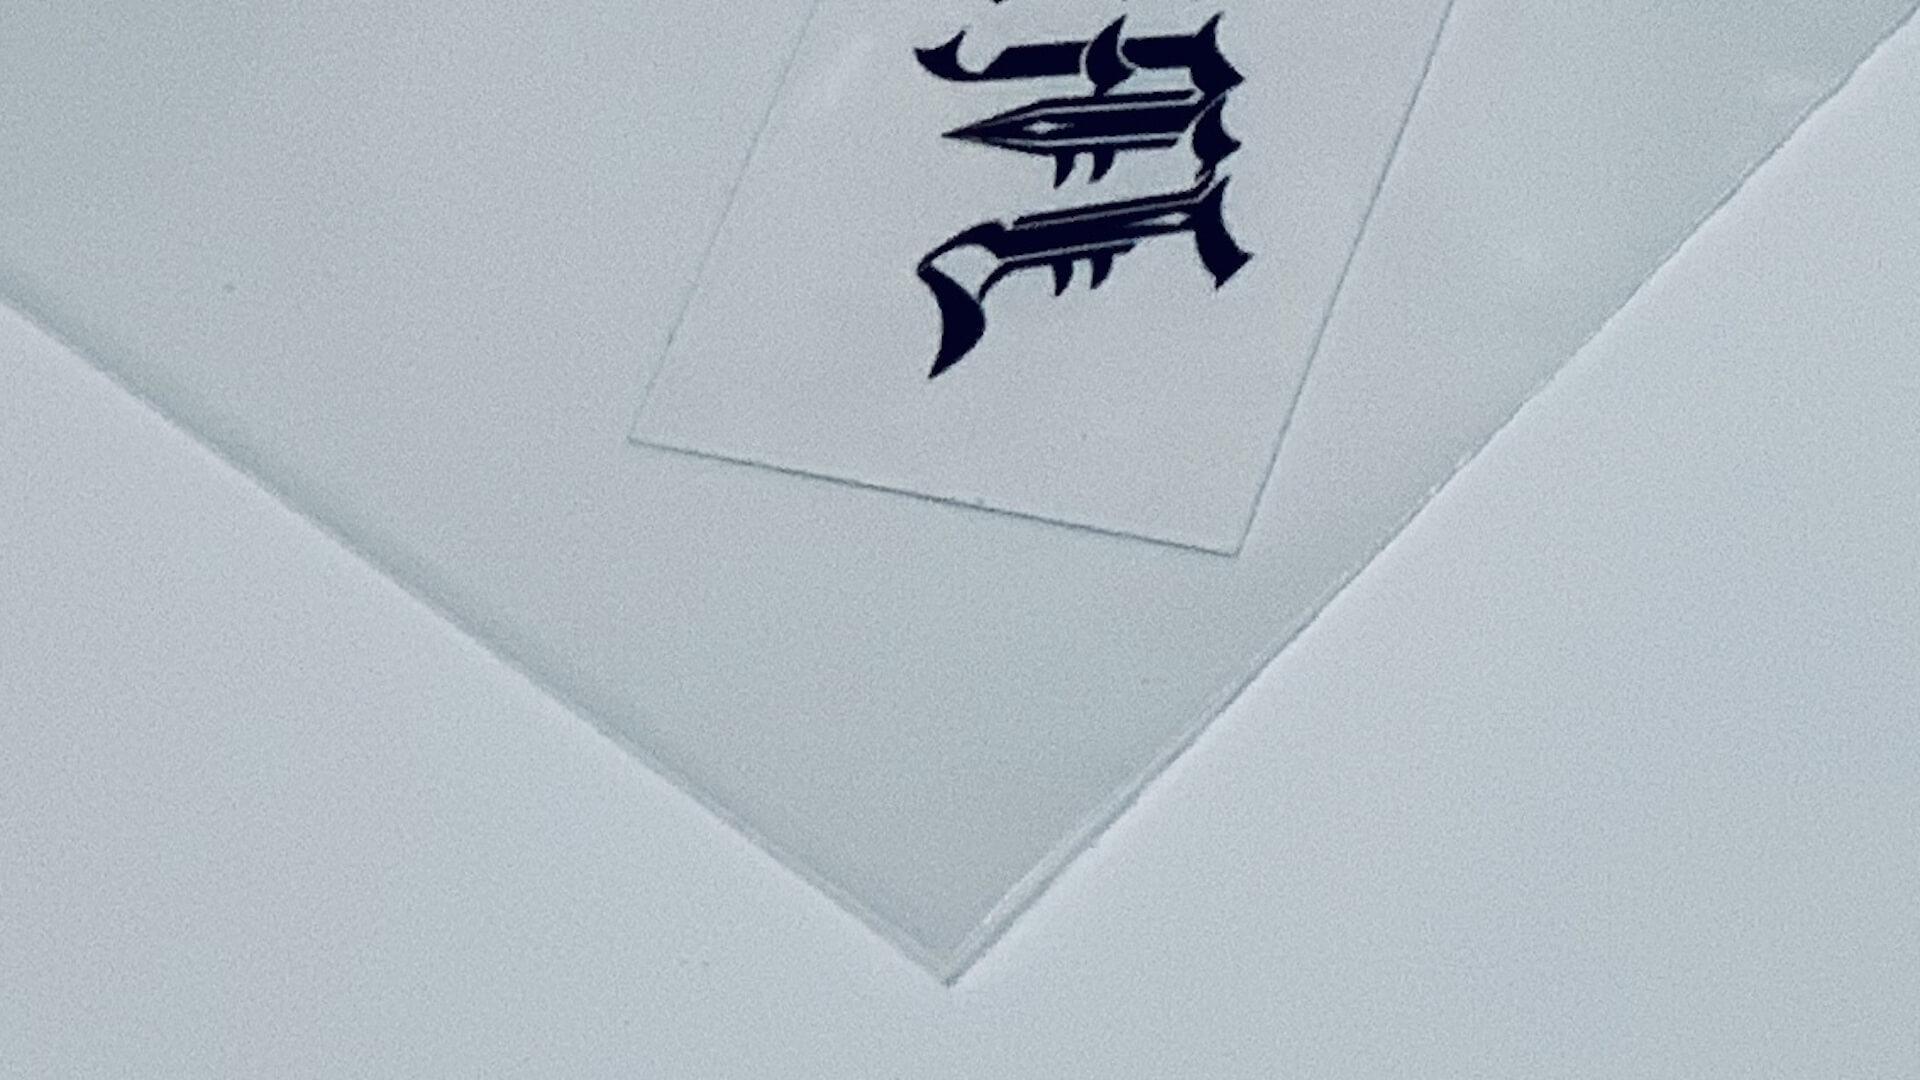 謎のオンラインショップ『TAKAIWORLD』より、高岩遼が27歳までに刻んだタトゥーのスクラップブックが発売 art_culture200618-takaiworld-2